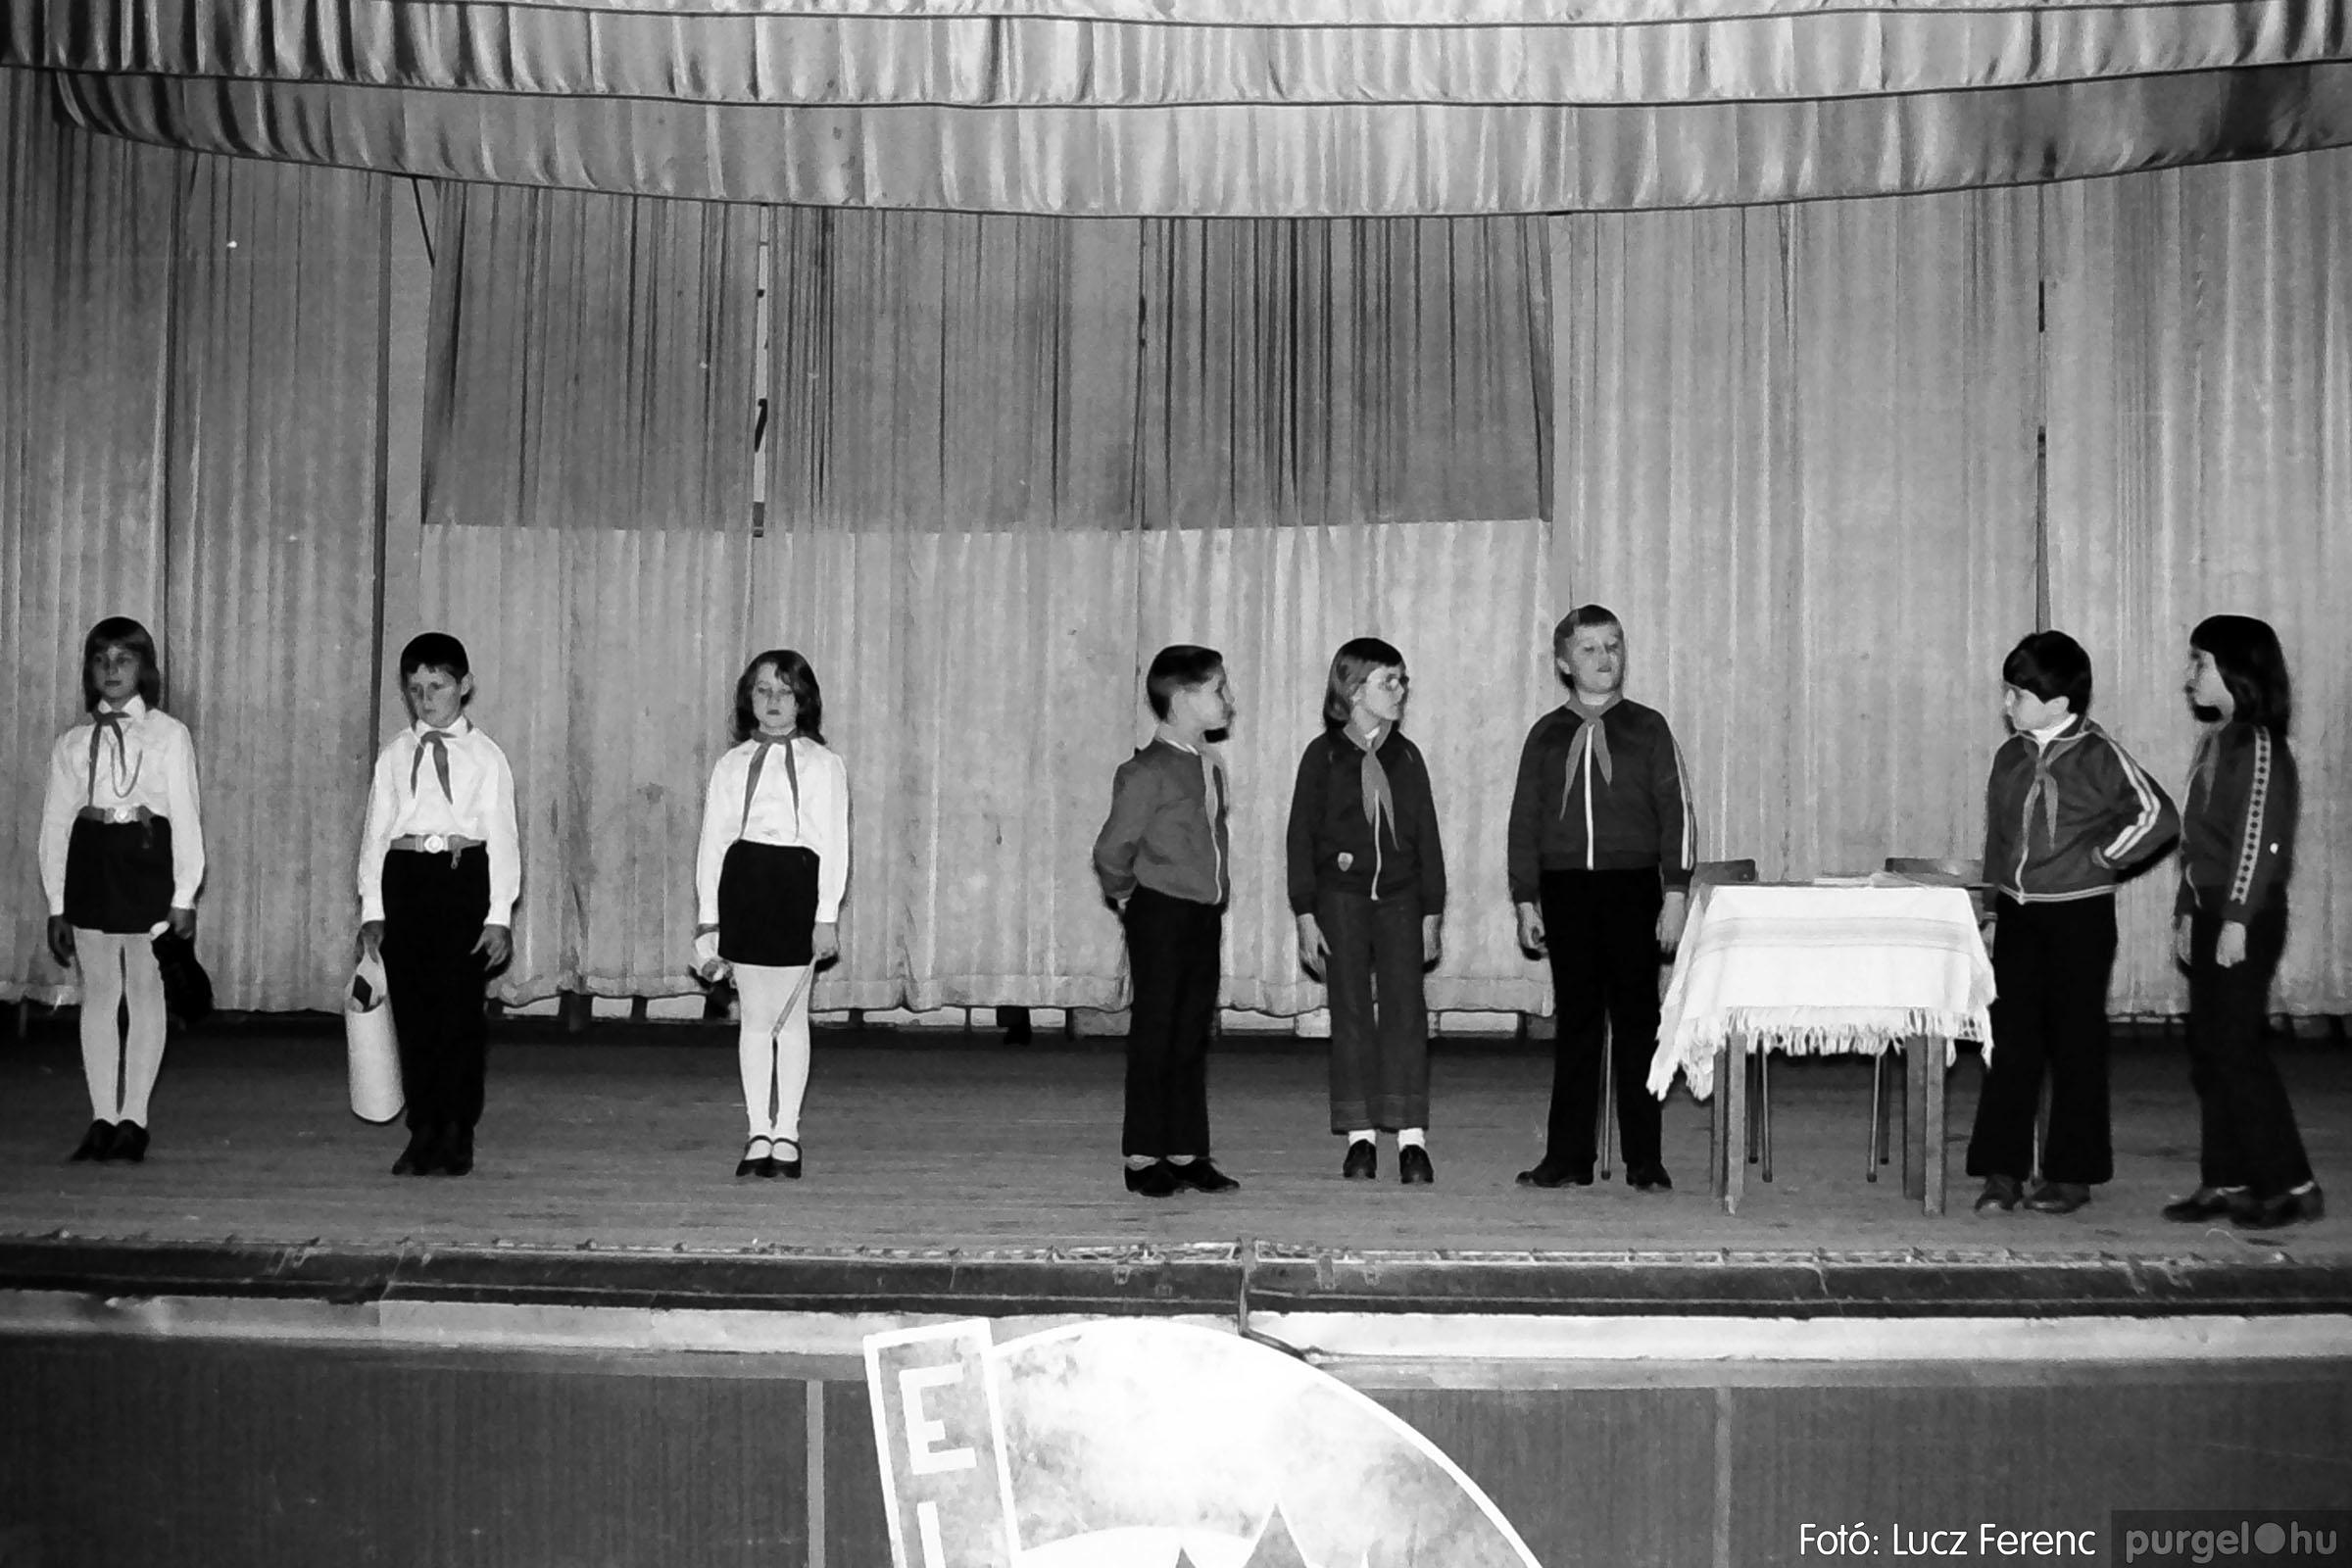 036-037. 1976. Diákprogram a kultúrházban 011 - Fotó: Lucz Ferenc.jpg